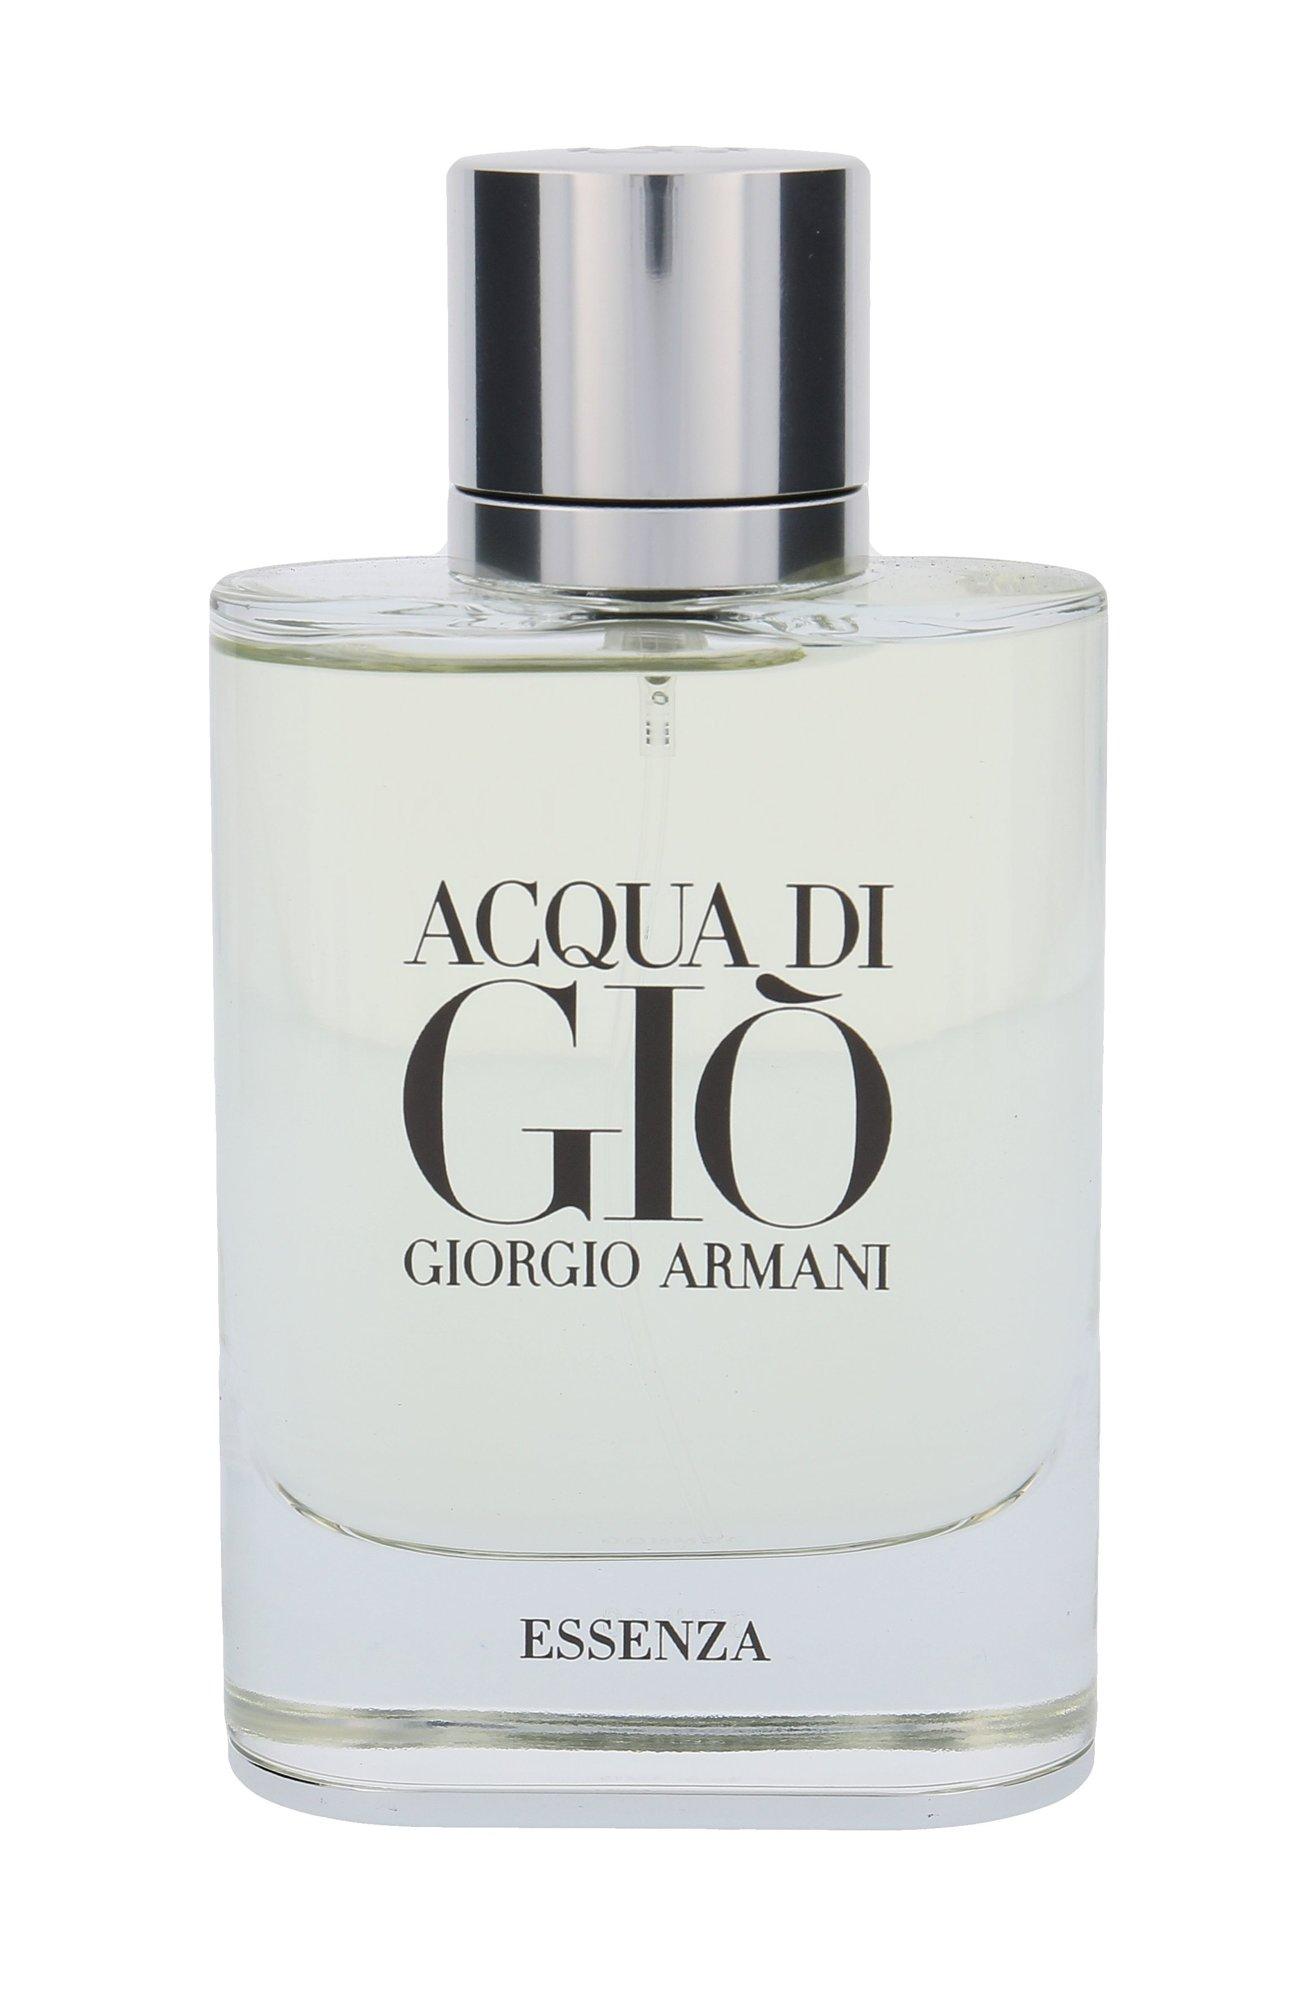 Giorgio Armani Acqua di Gio Essenza, Parfumovaná voda 75ml